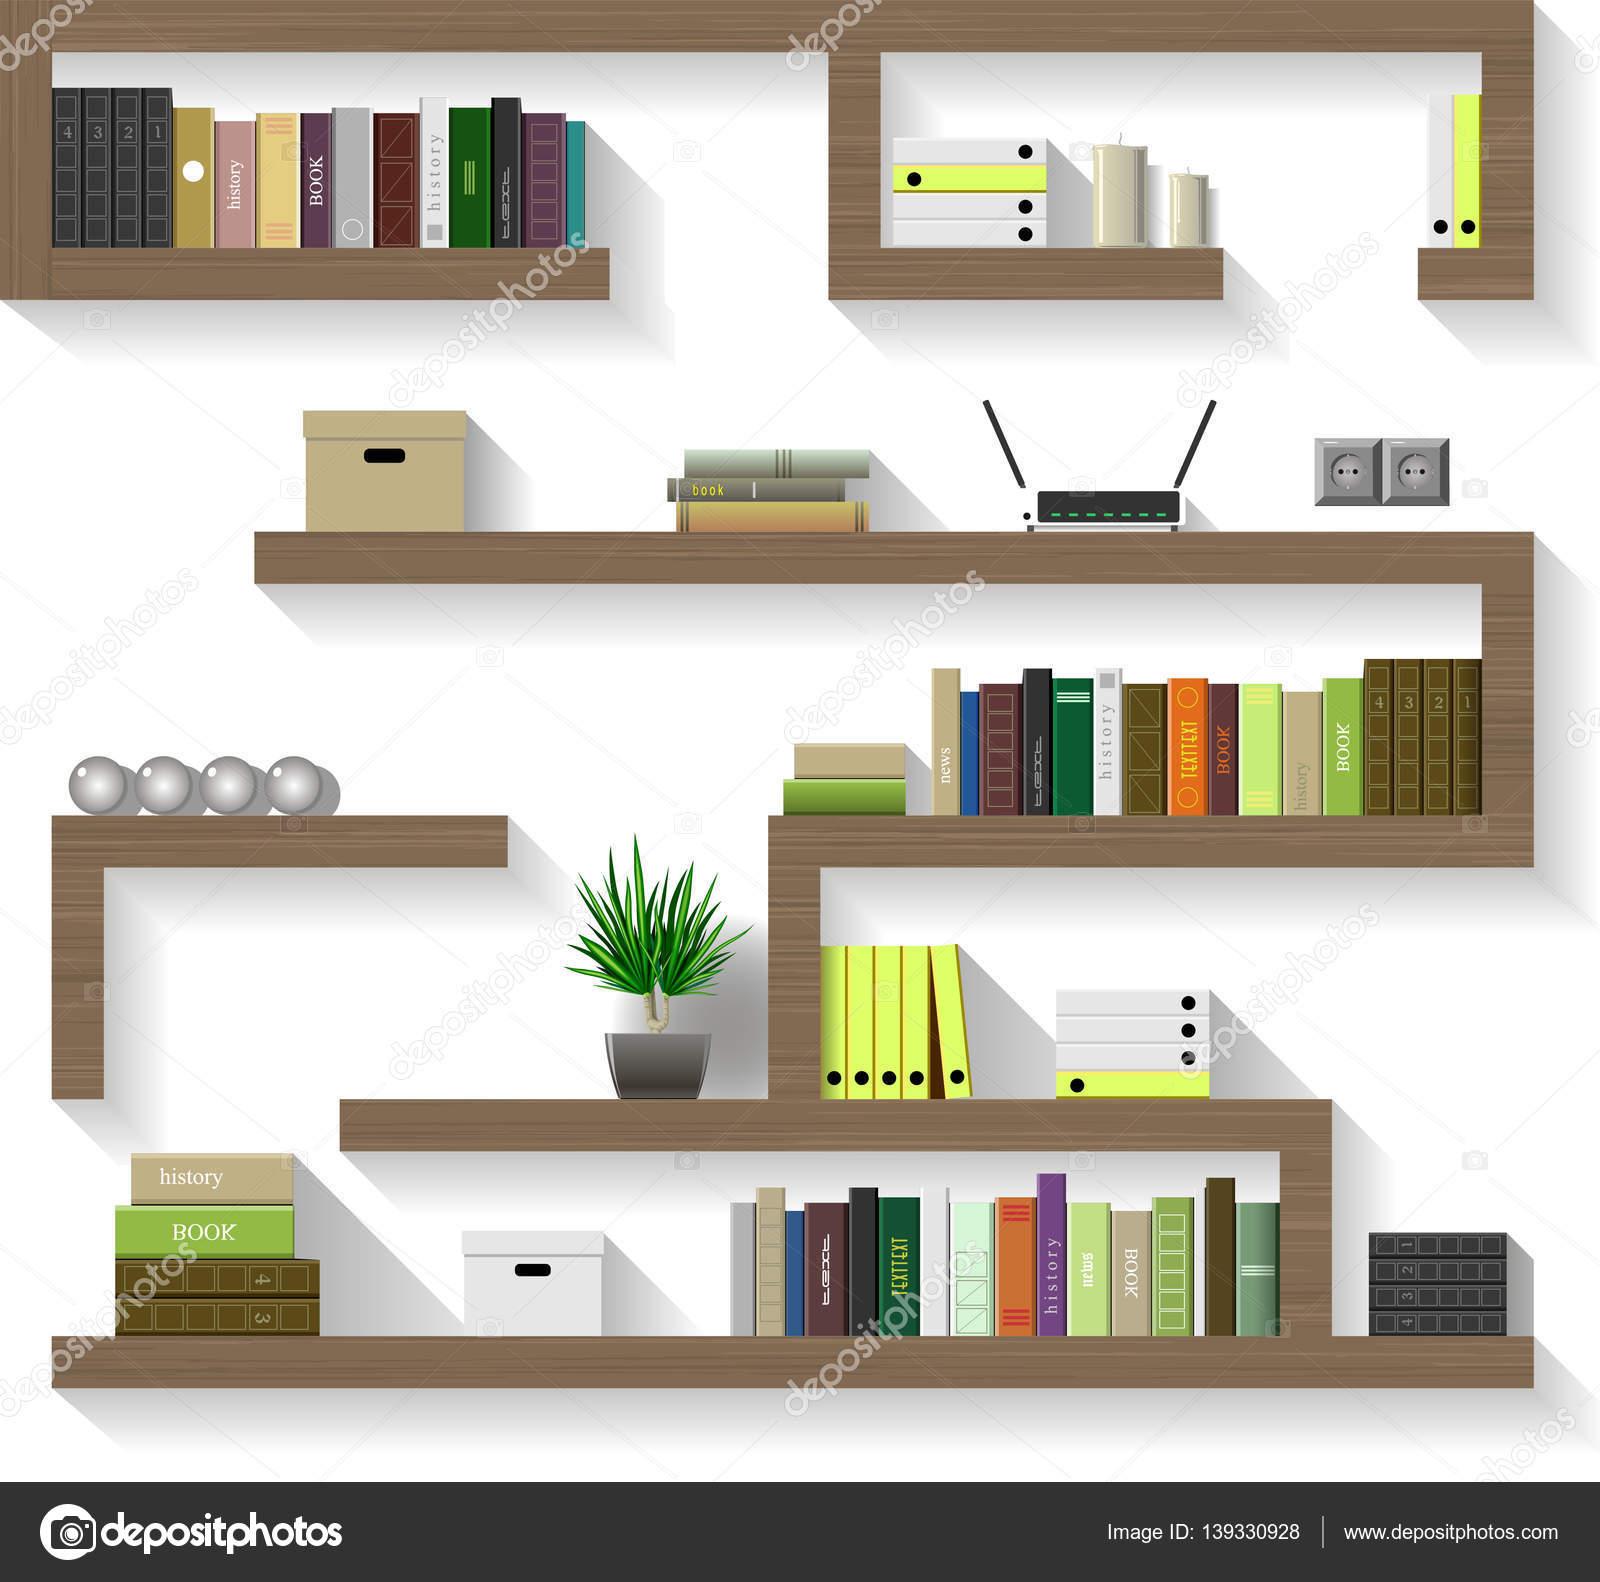 Interior wooden shelves free vector - Wooden Shelves For Living Stock Vector 139330928